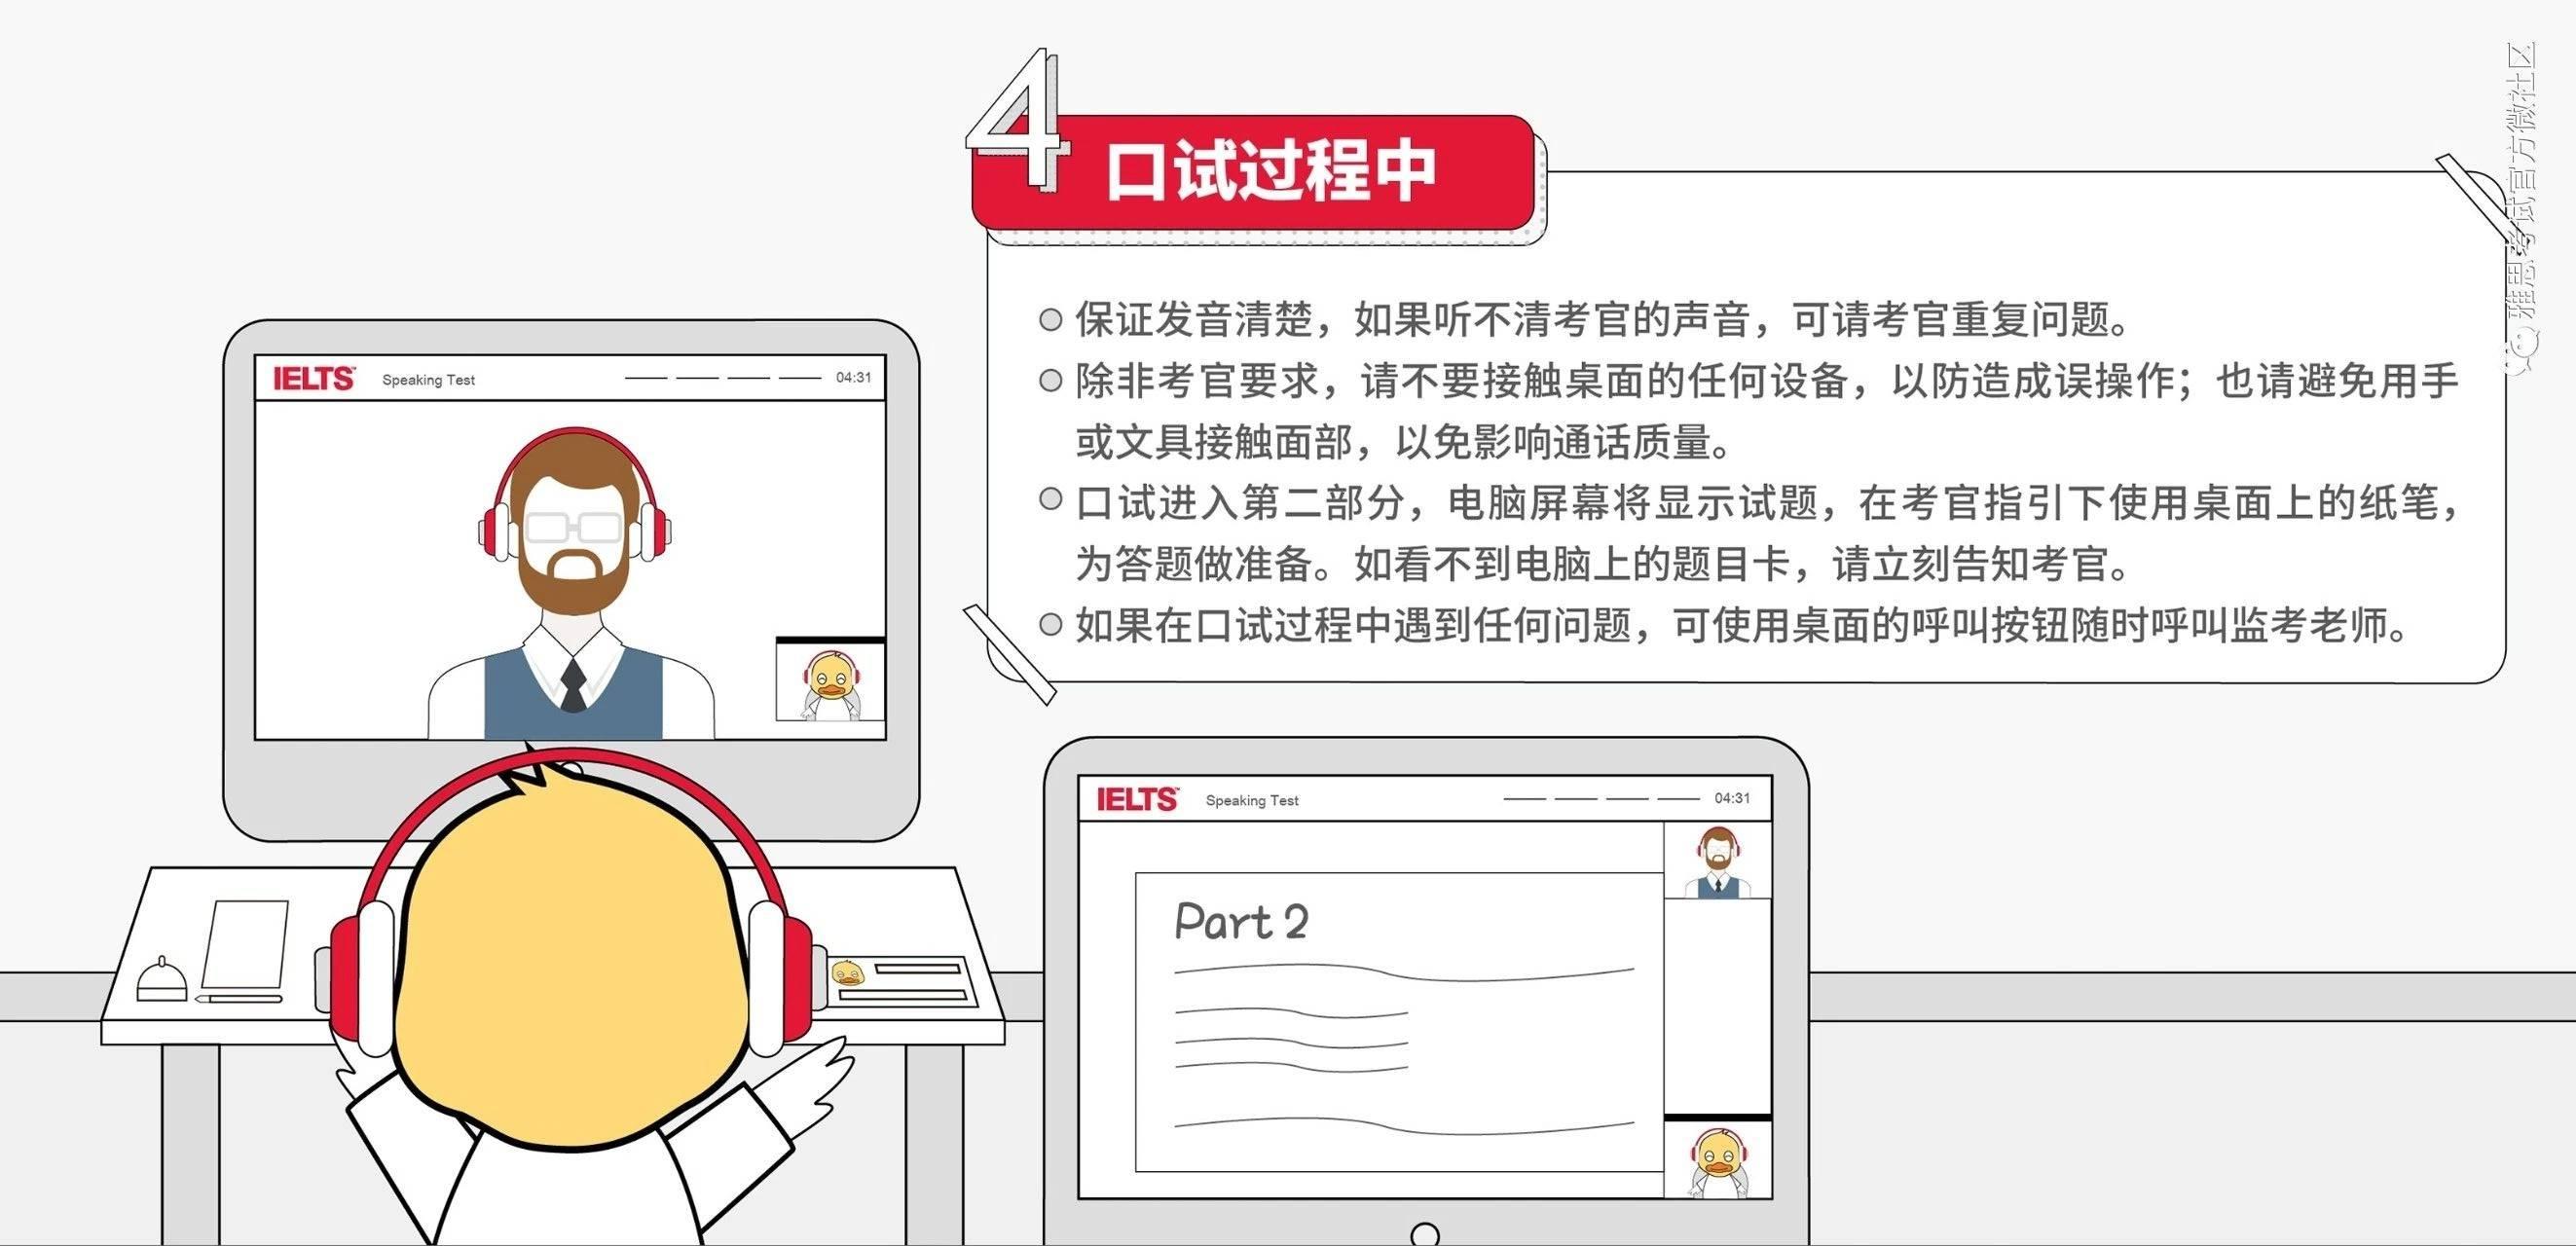 最新|雅思官方推出视频通话口语考试怎么考,这些重点要关注!